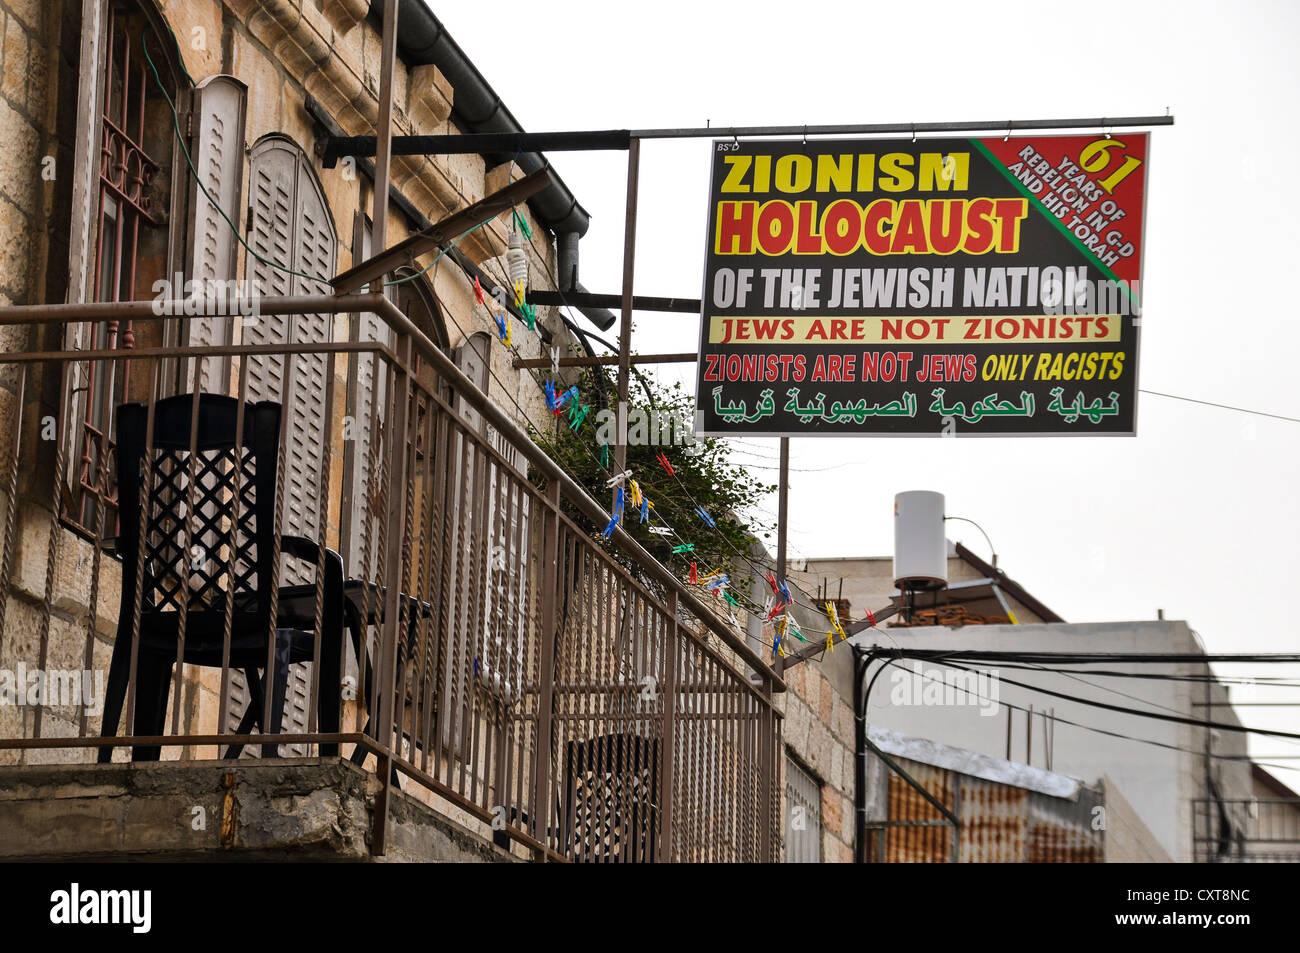 Sign in ultra-ortodossi distretto di Me'a she'arim o Mea Shearim, Gerusalemme, Israele, Medio Oriente e Immagini Stock